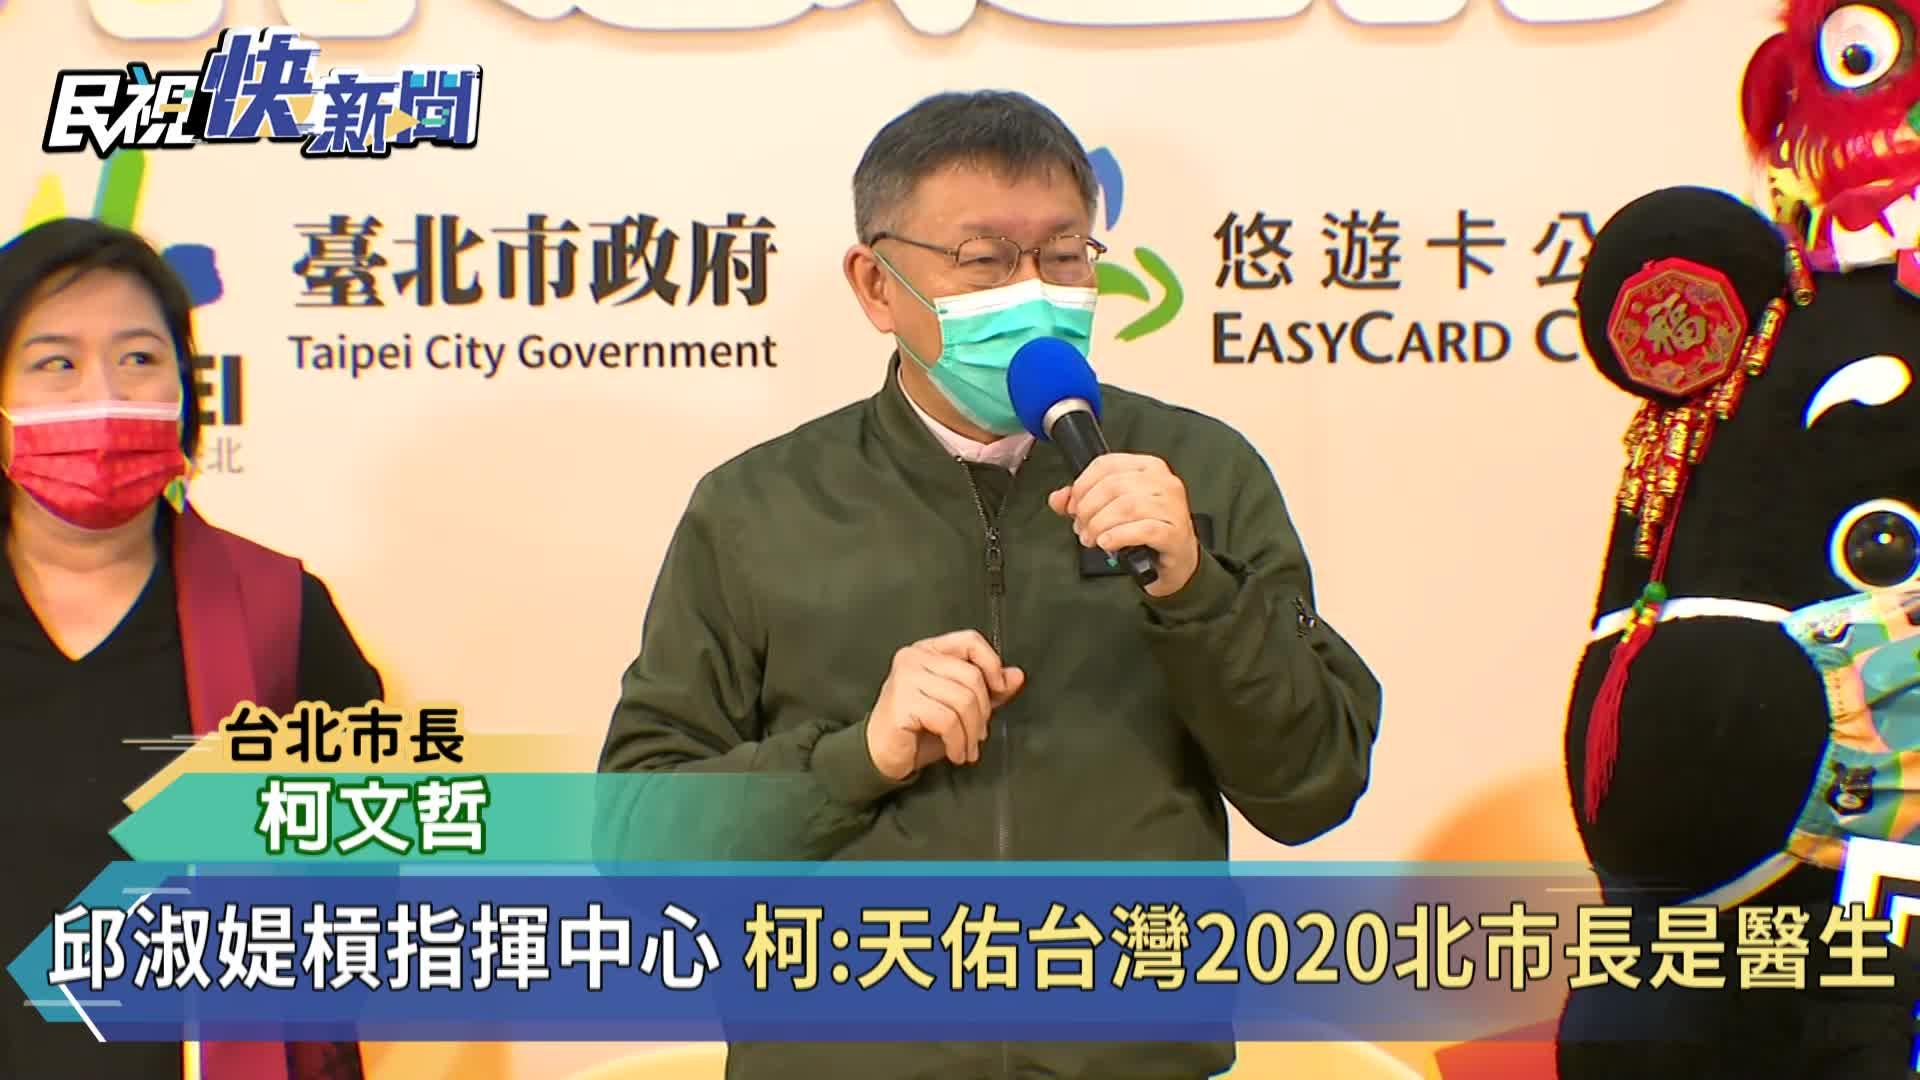 快新聞/邱淑媞槓上指揮中心惹民怨 柯文哲:天佑台灣2020年台北市長是醫生